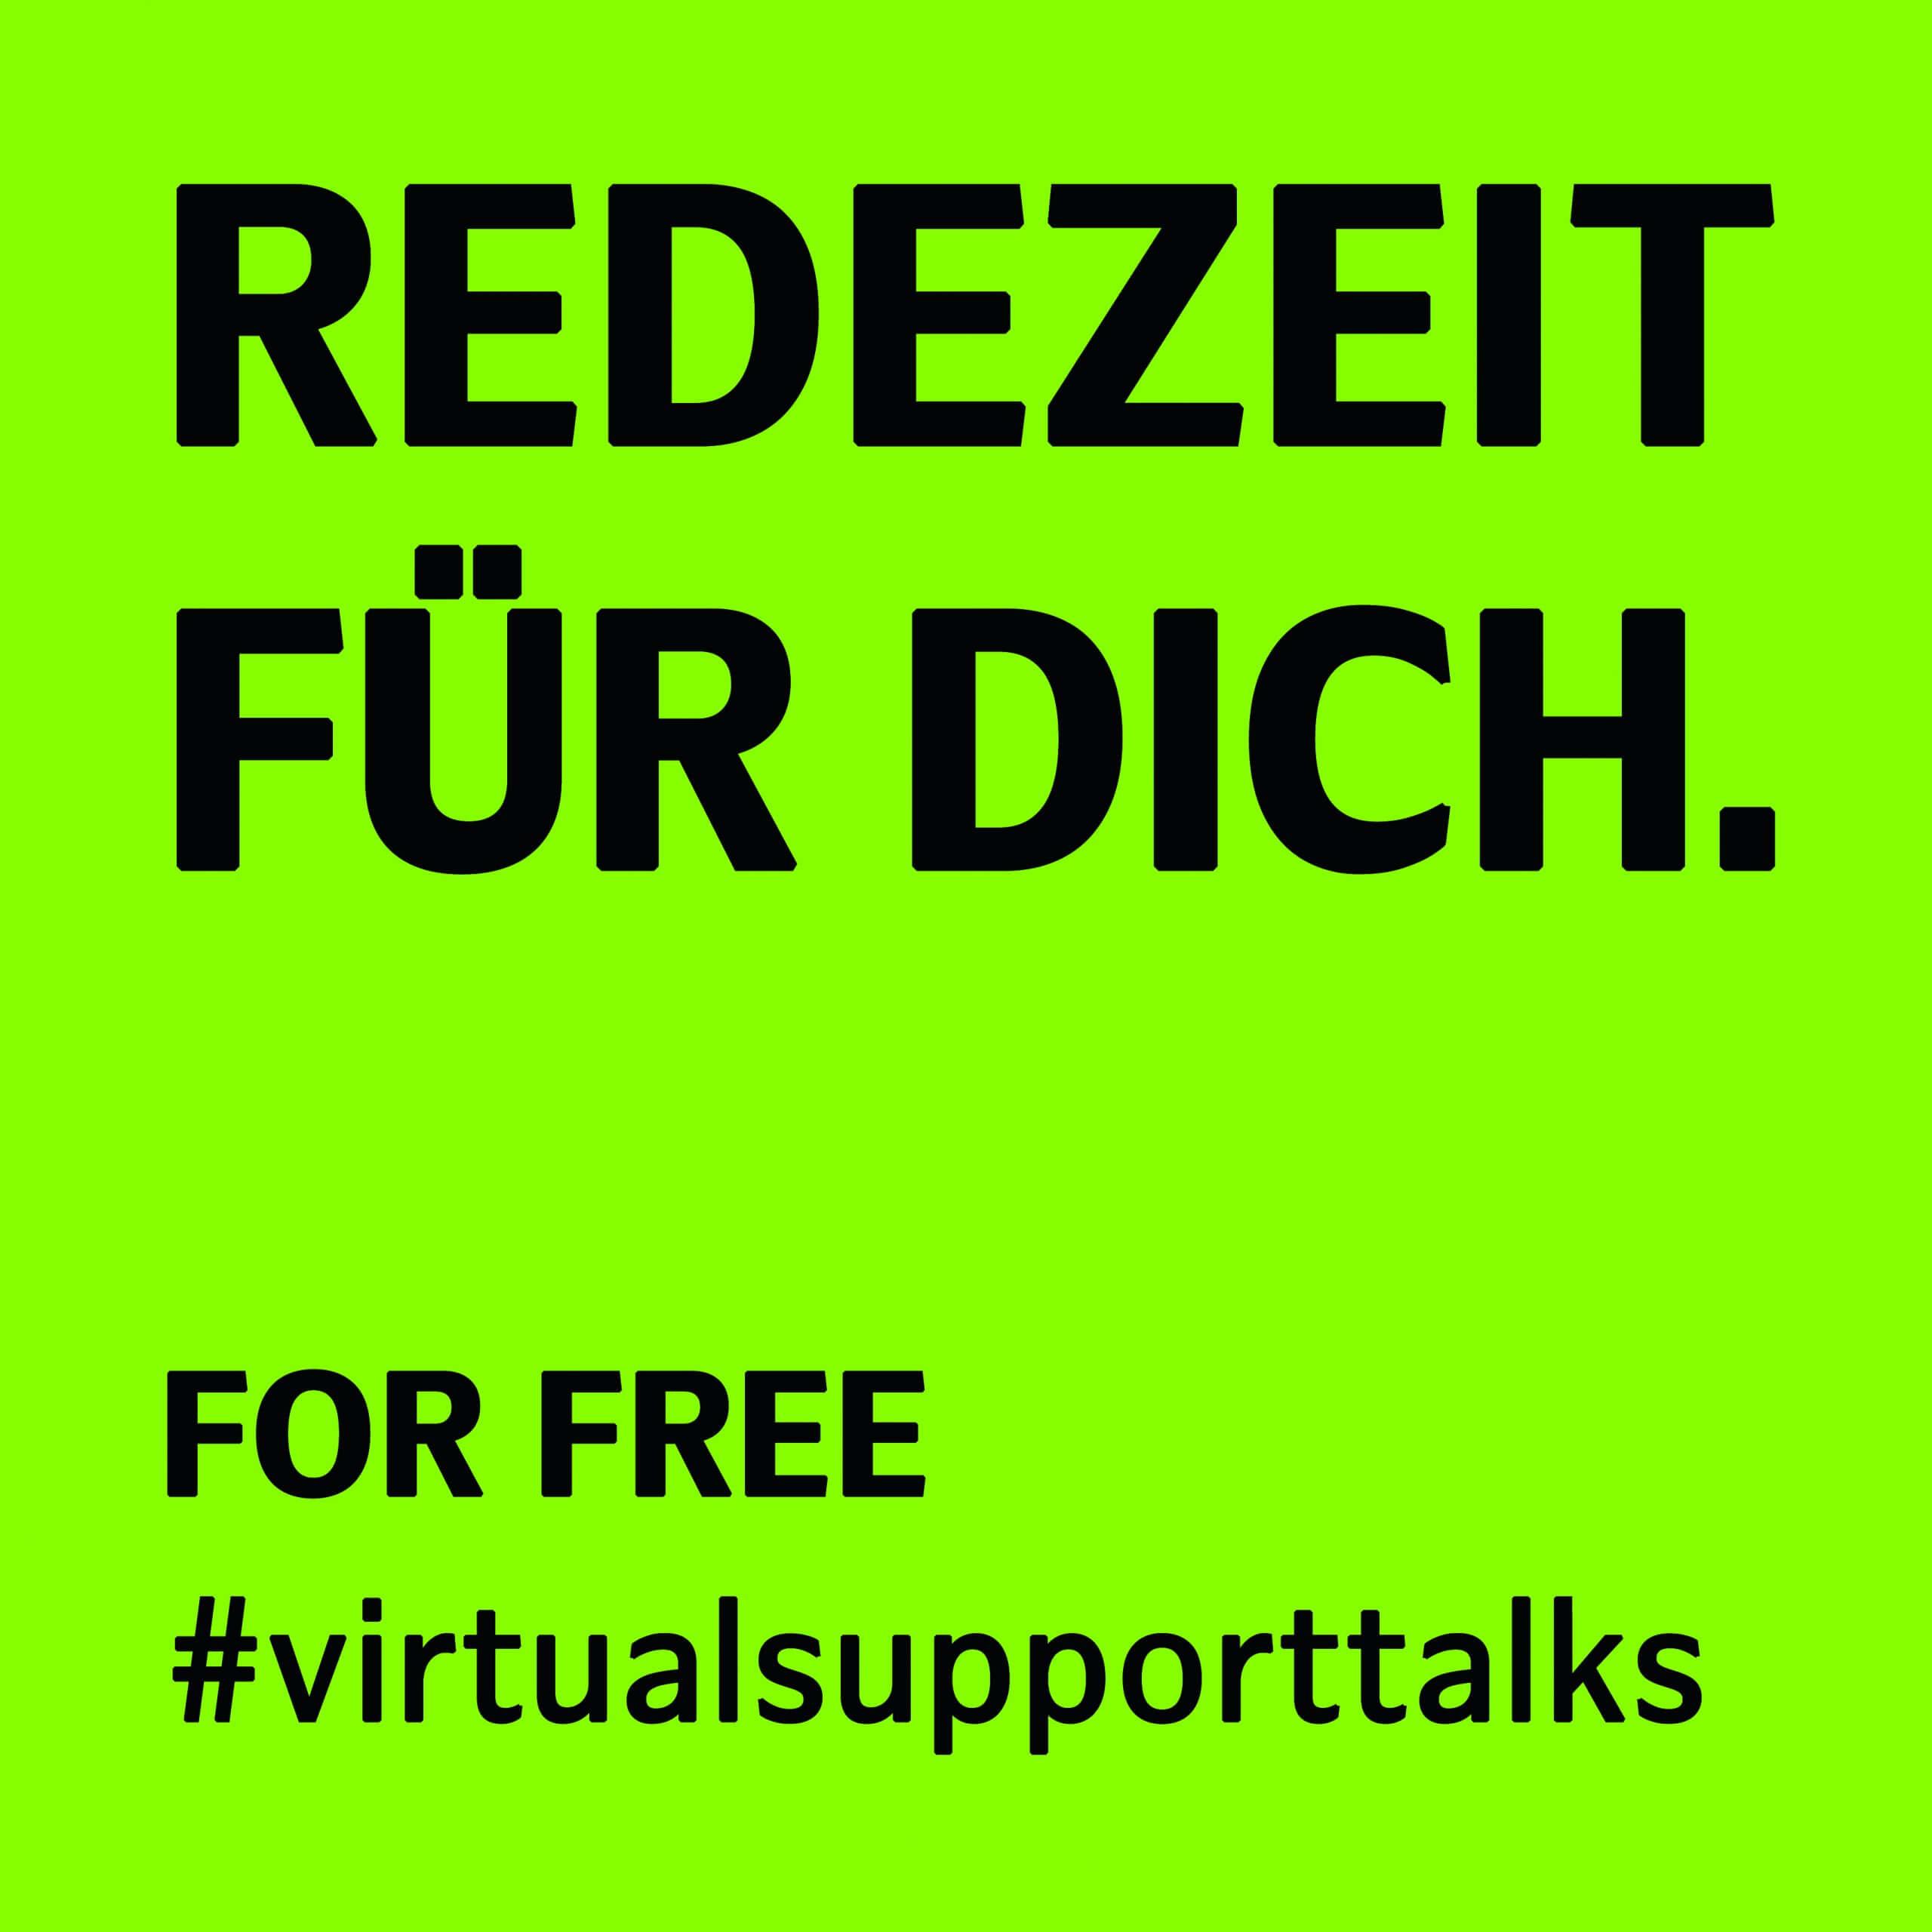 Redezeit fuer Dich #virtualsupporttalks - leadership lernen - Philipp Rabe - online coaching